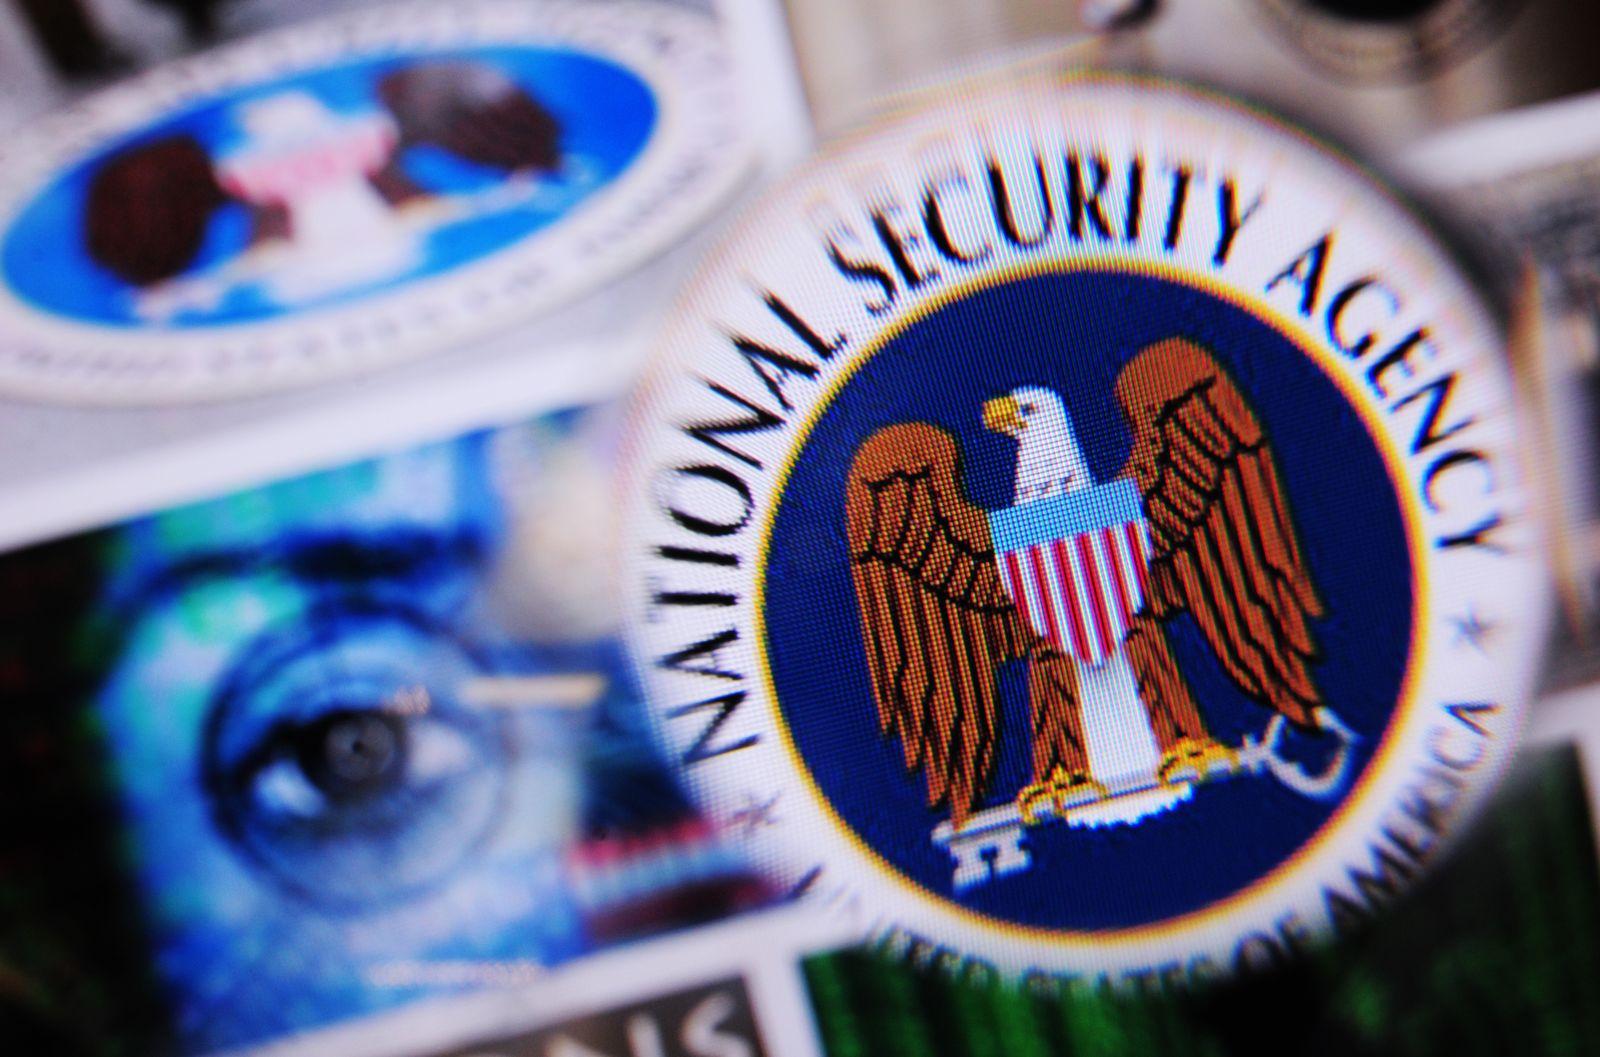 Symbolbild NSA/ Internet/ Geheimdienste/ USA